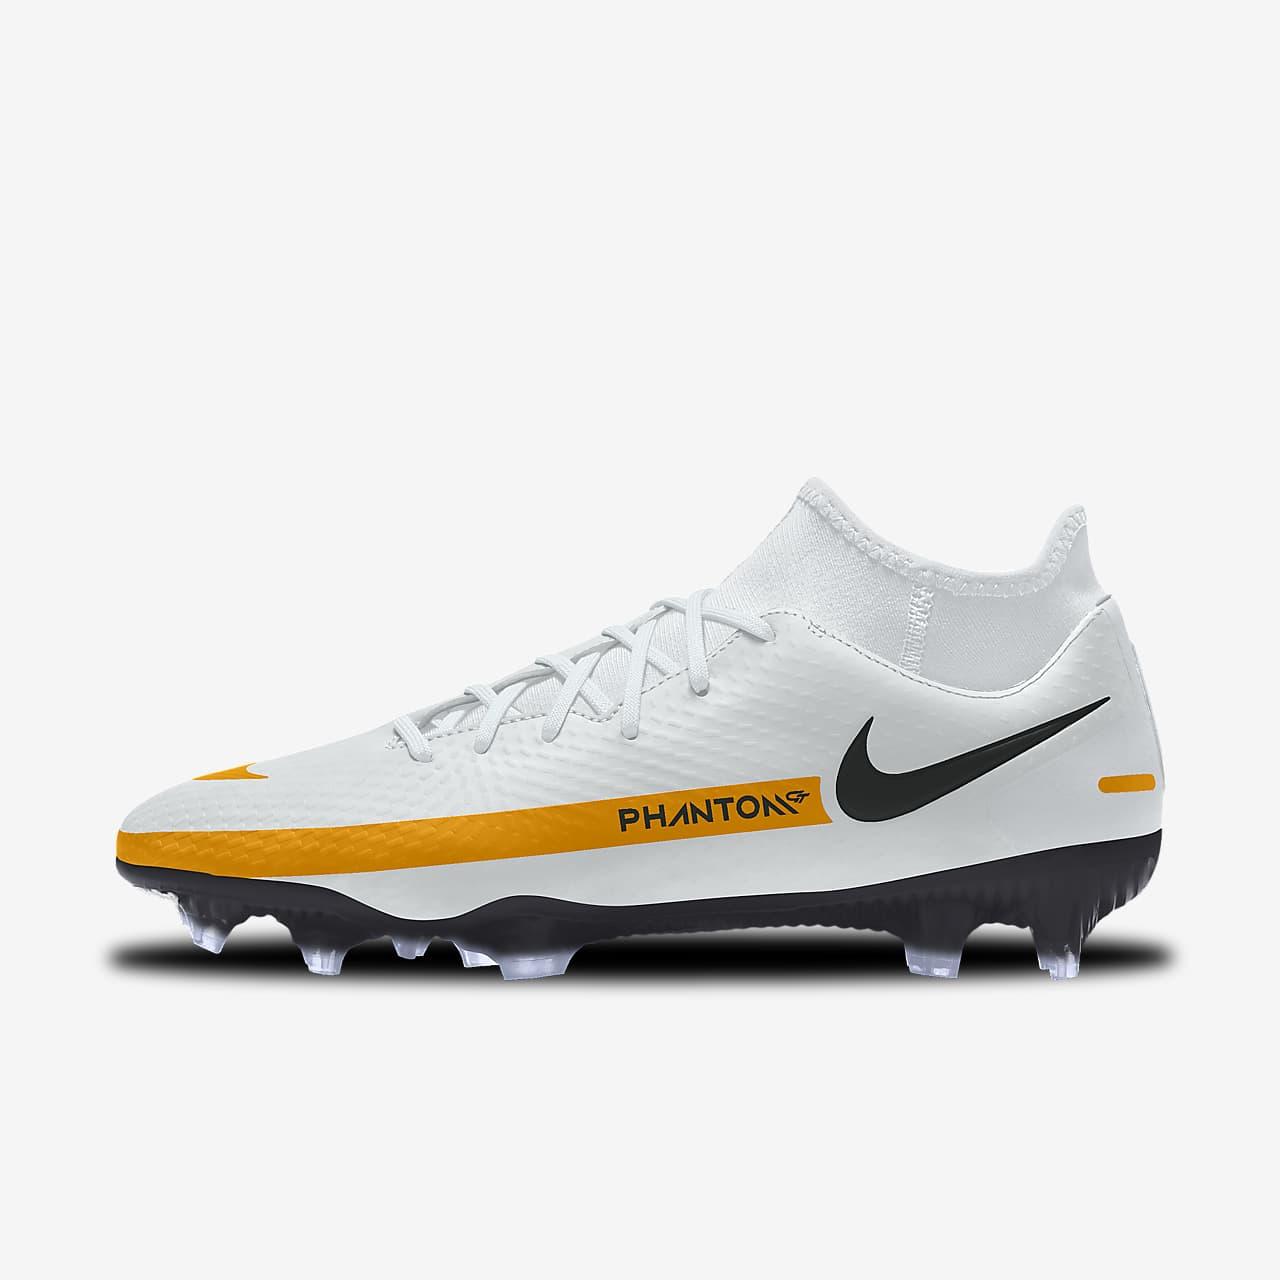 รองเท้าสตั๊ดฟุตบอลสำหรับพื้นหลายประเภทออกแบบเอง Nike Phantom GT Academy By You